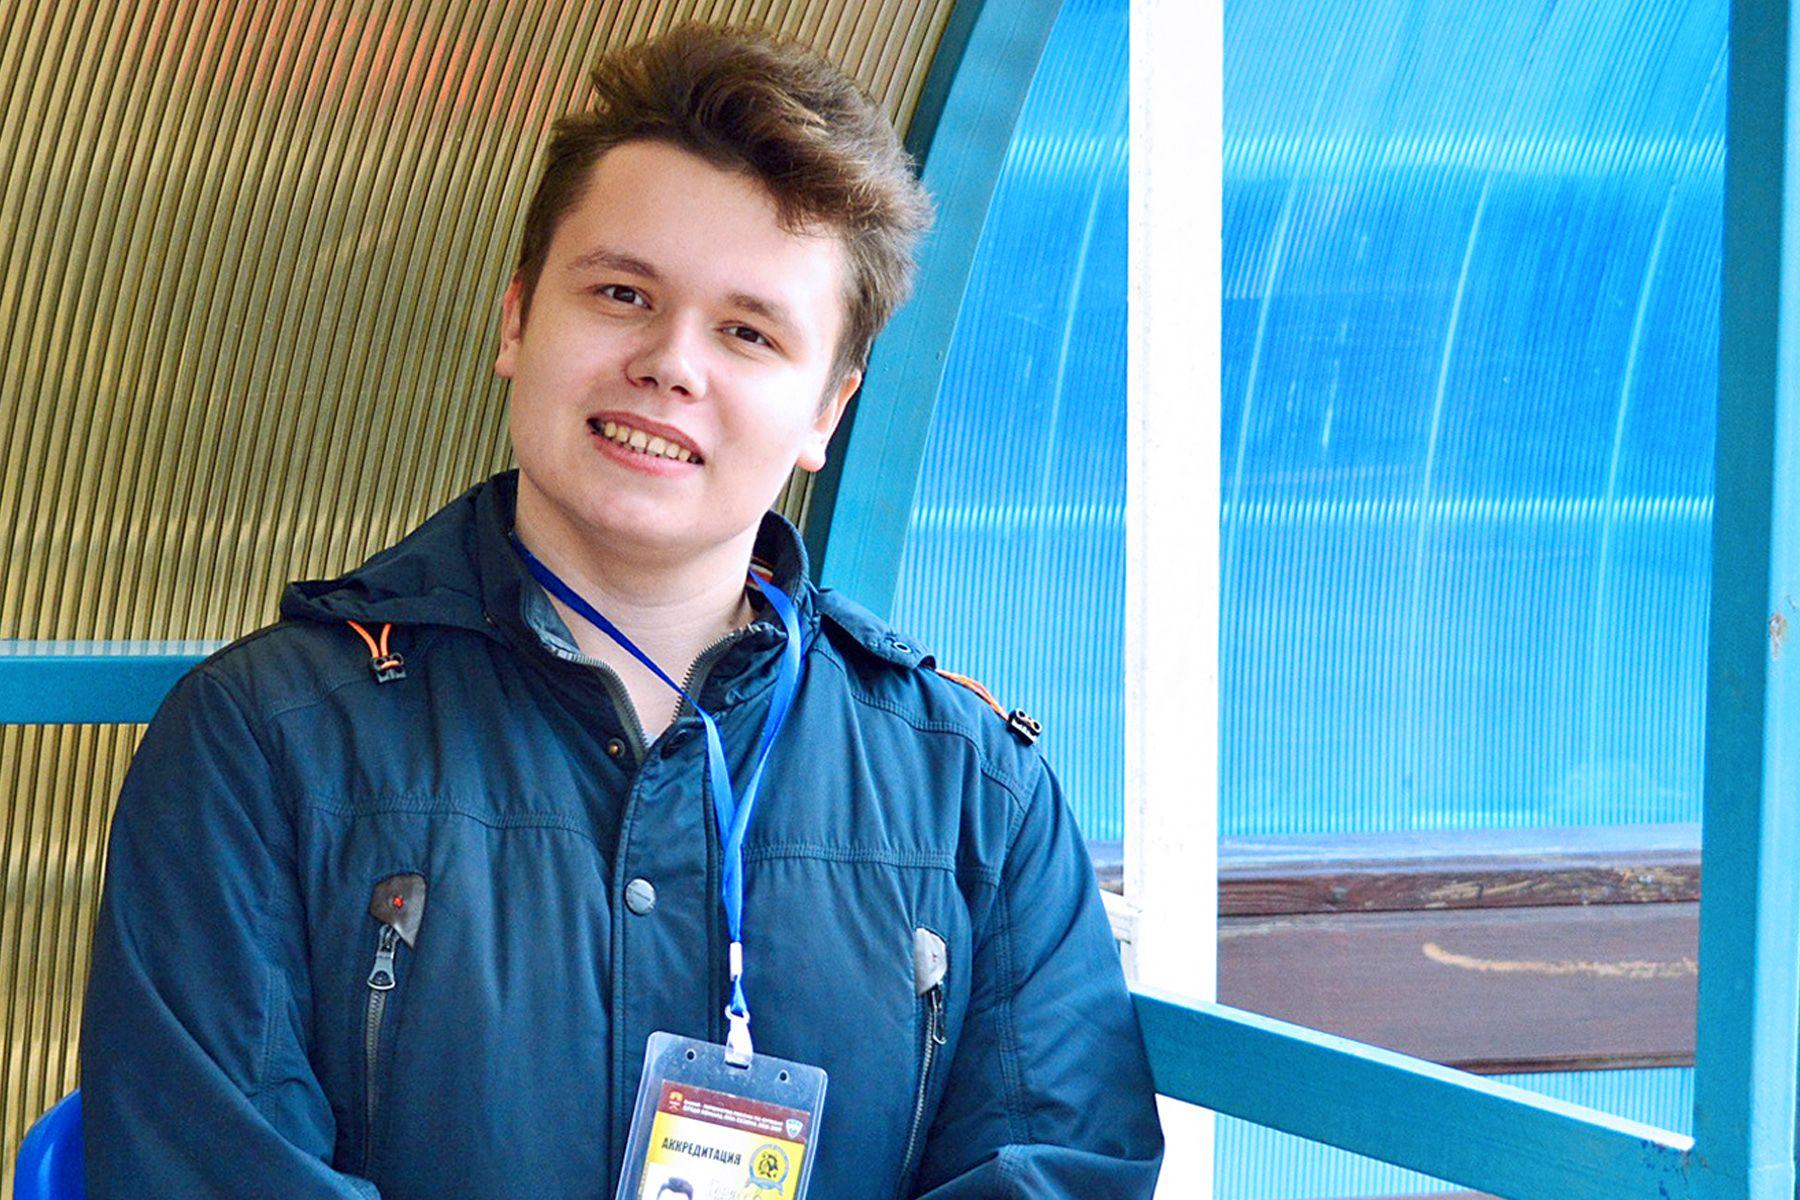 «Как Черданцев!»: студент Высшей школы телевидения ВГУЭС Максим Гордеев выиграл конкурс футбольных комментаторов